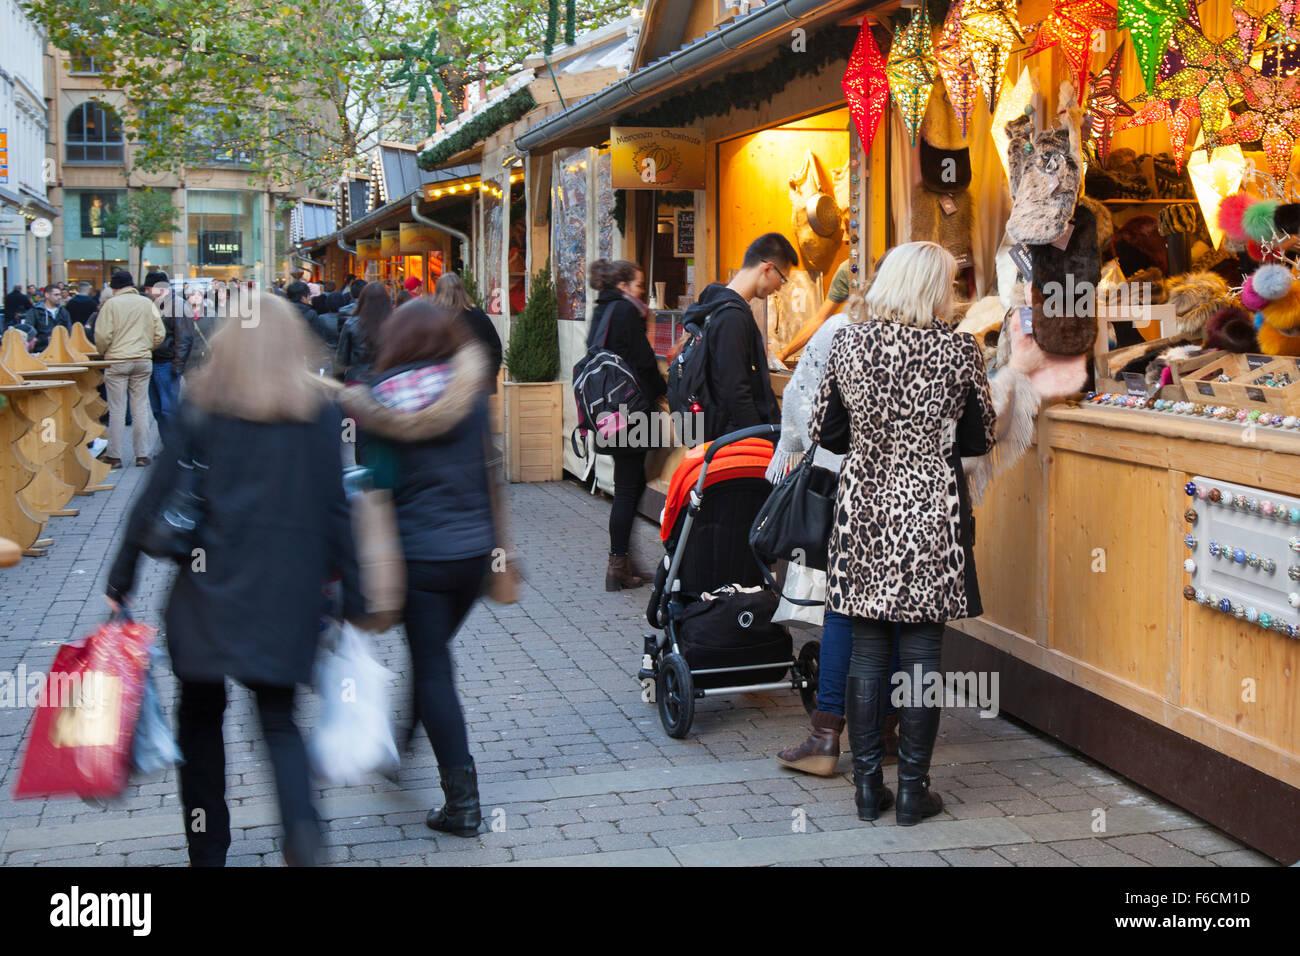 2015 Christmas Market, Manchester, UK - Stock Image